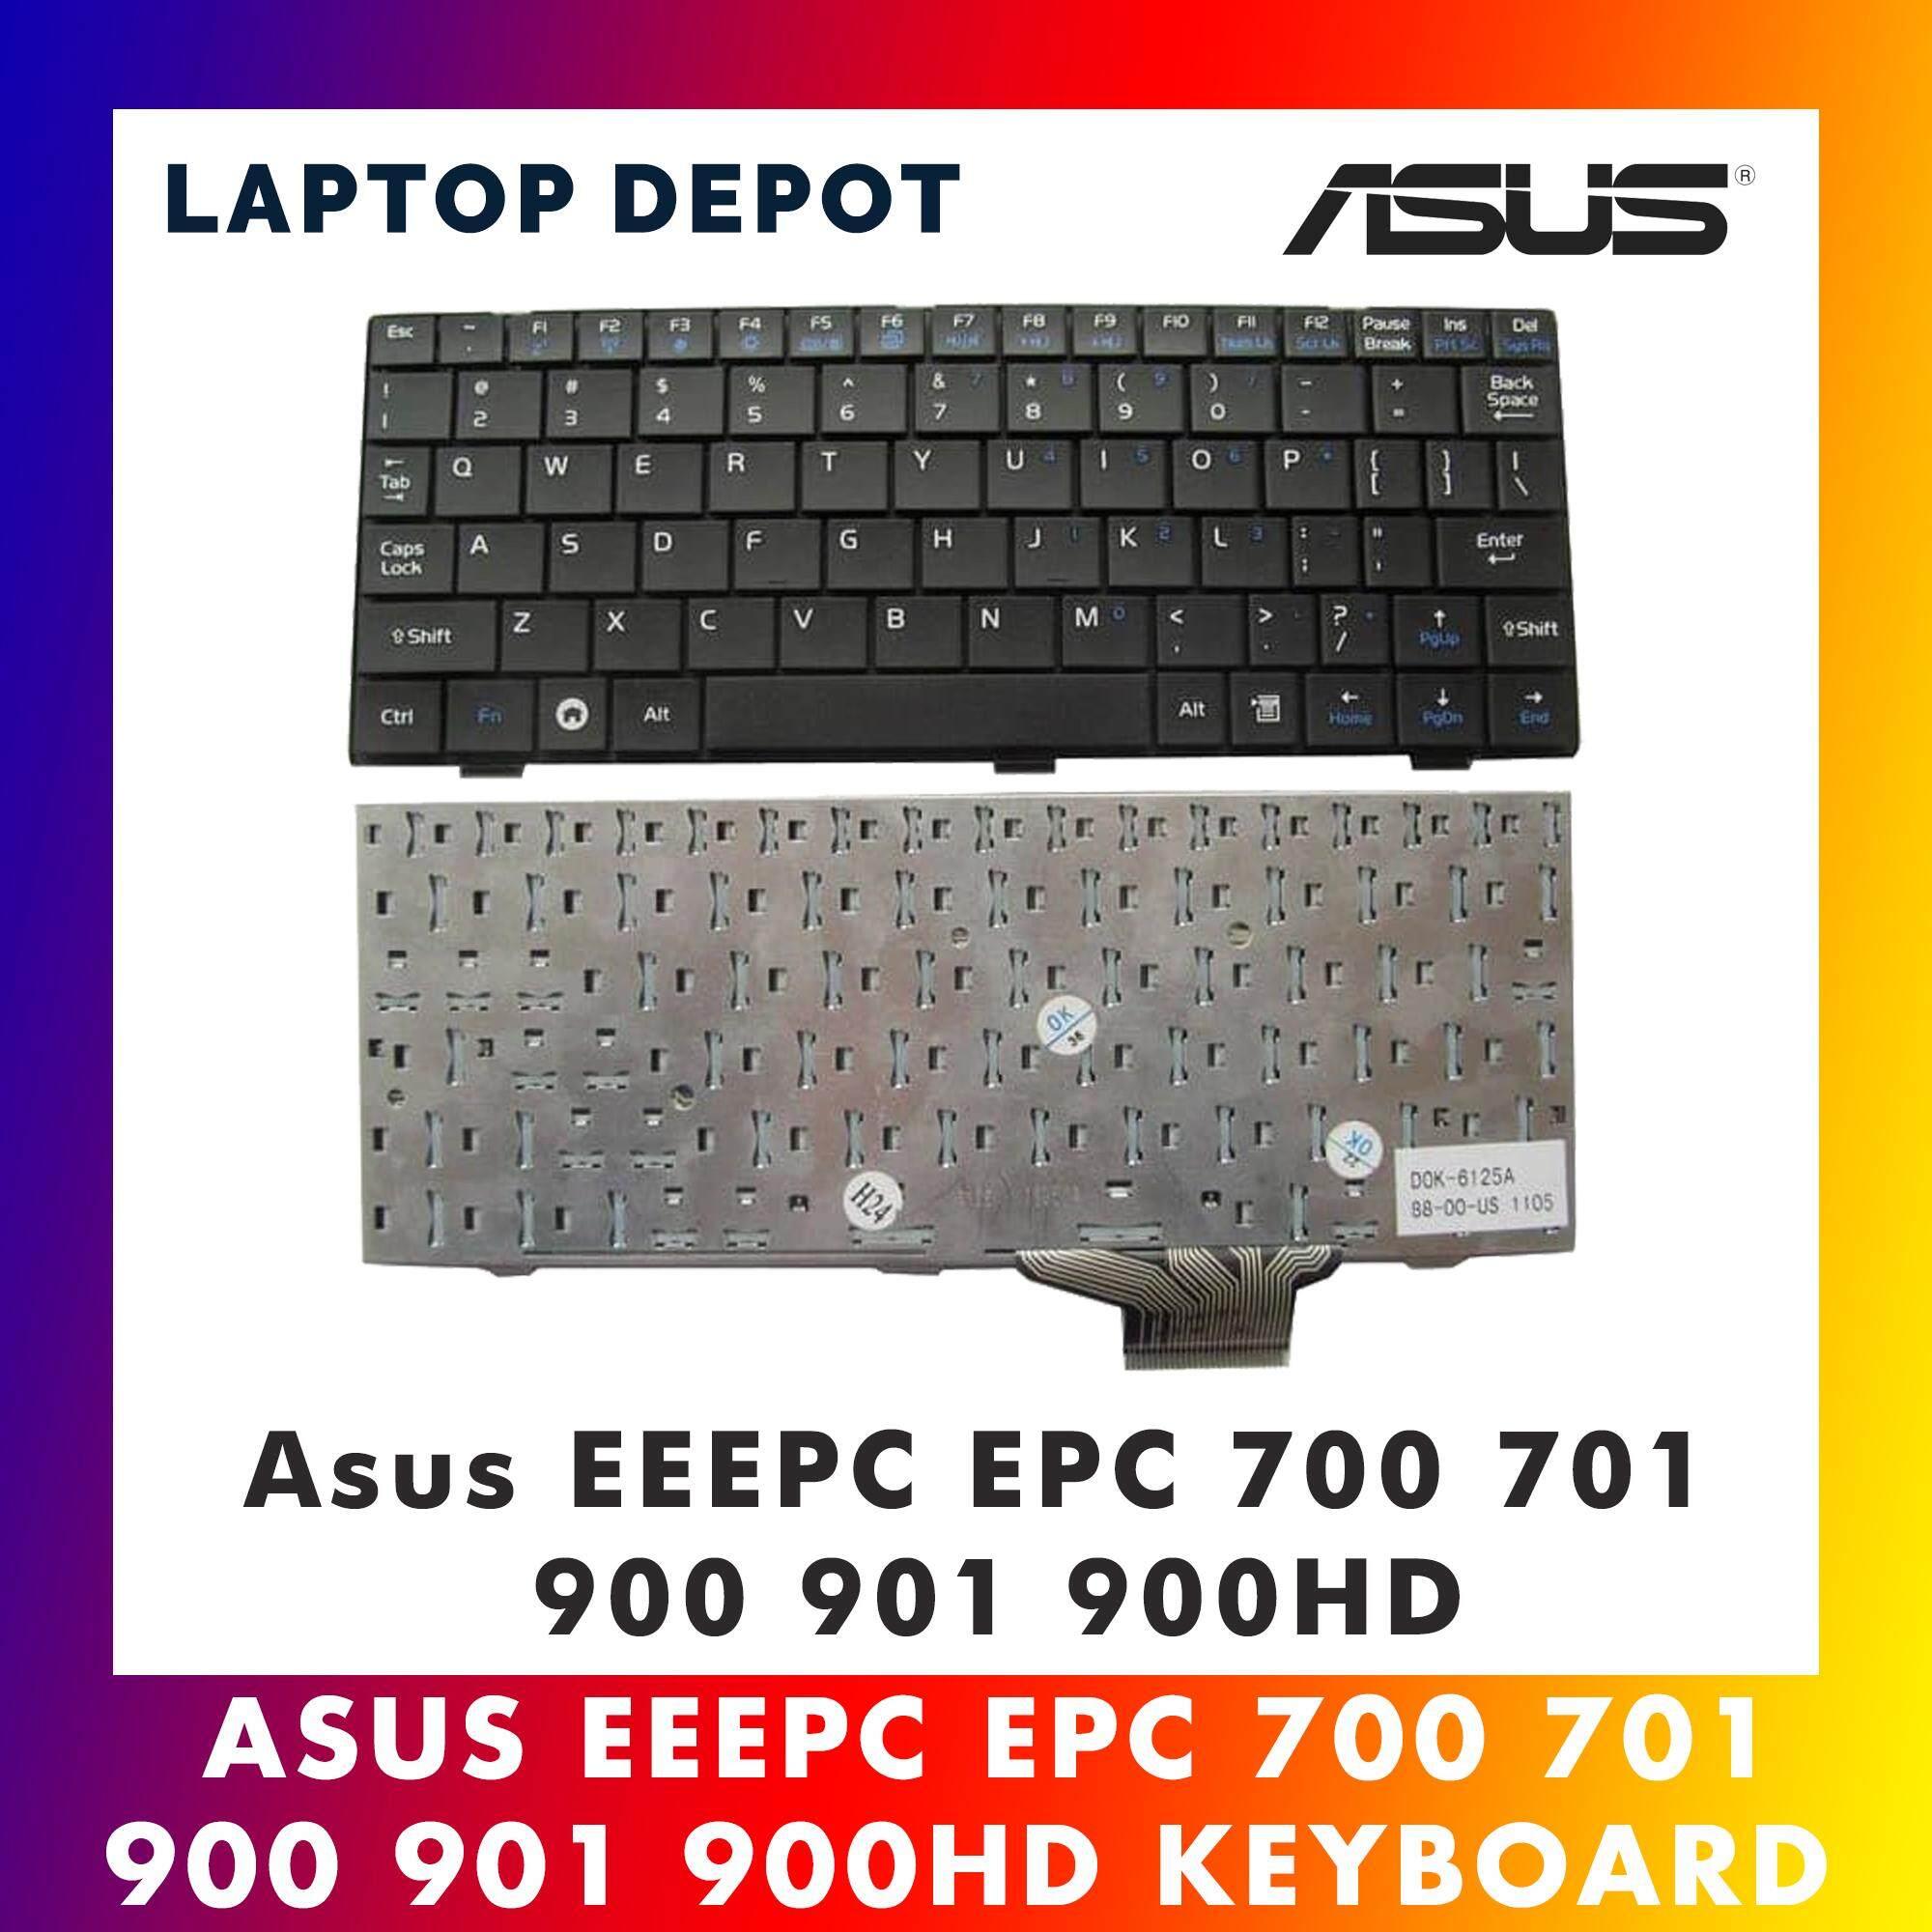 Asus EEEPC EPC 700 701 900 901 900HD Laptop Keyboard Malaysia